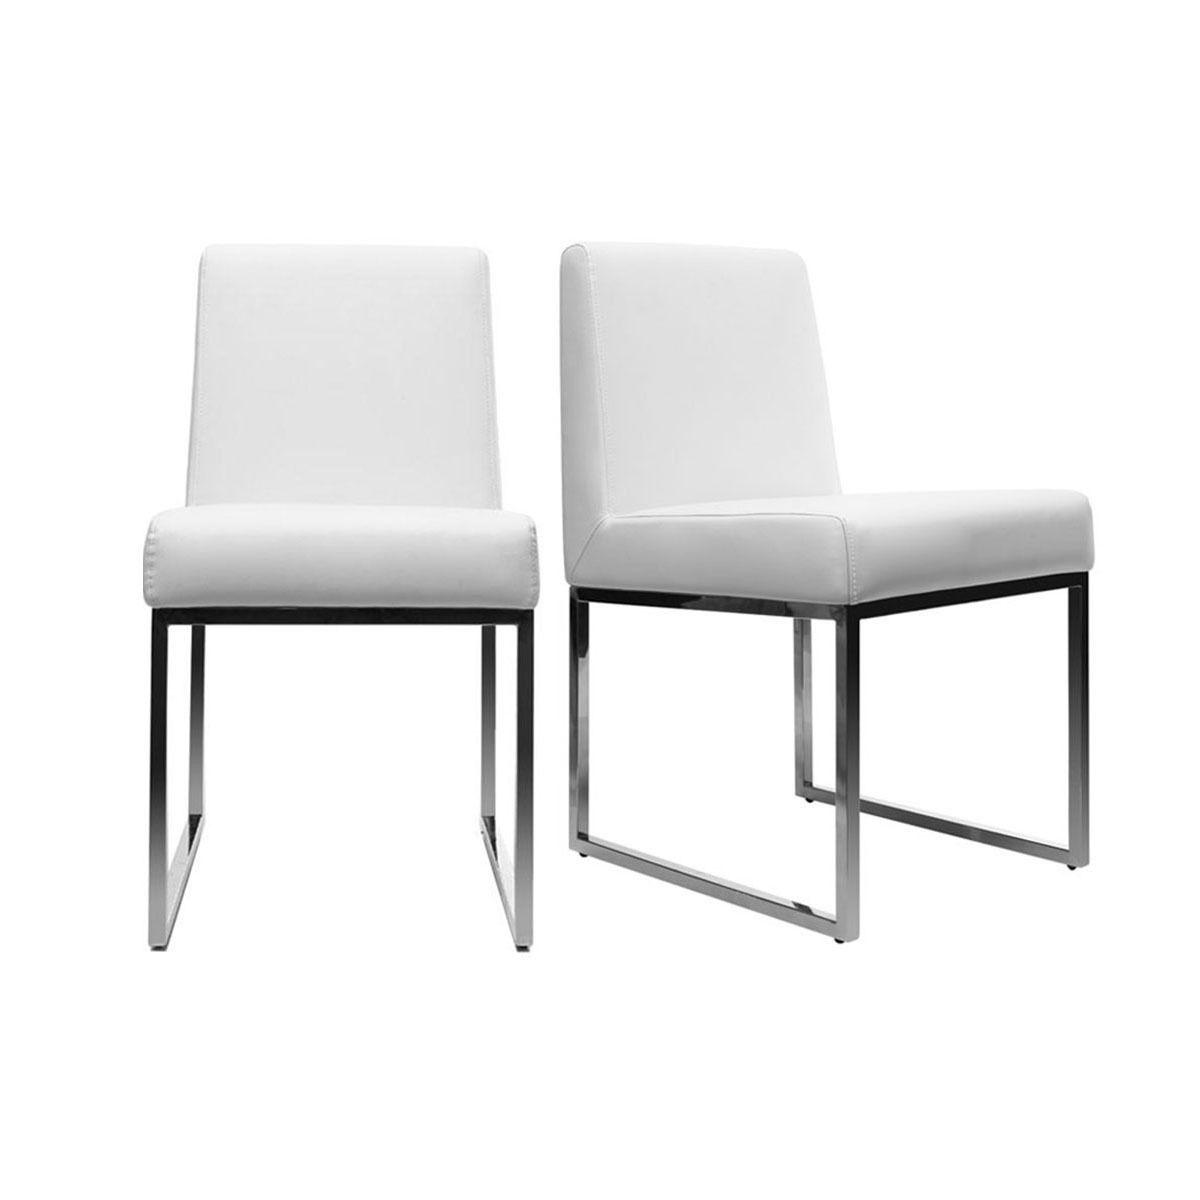 Lot De 2 Chaises Design Polyurethane Blanc Et Acier Chrome Junia Chaise Design Table Basse Chaise Salle A Manger